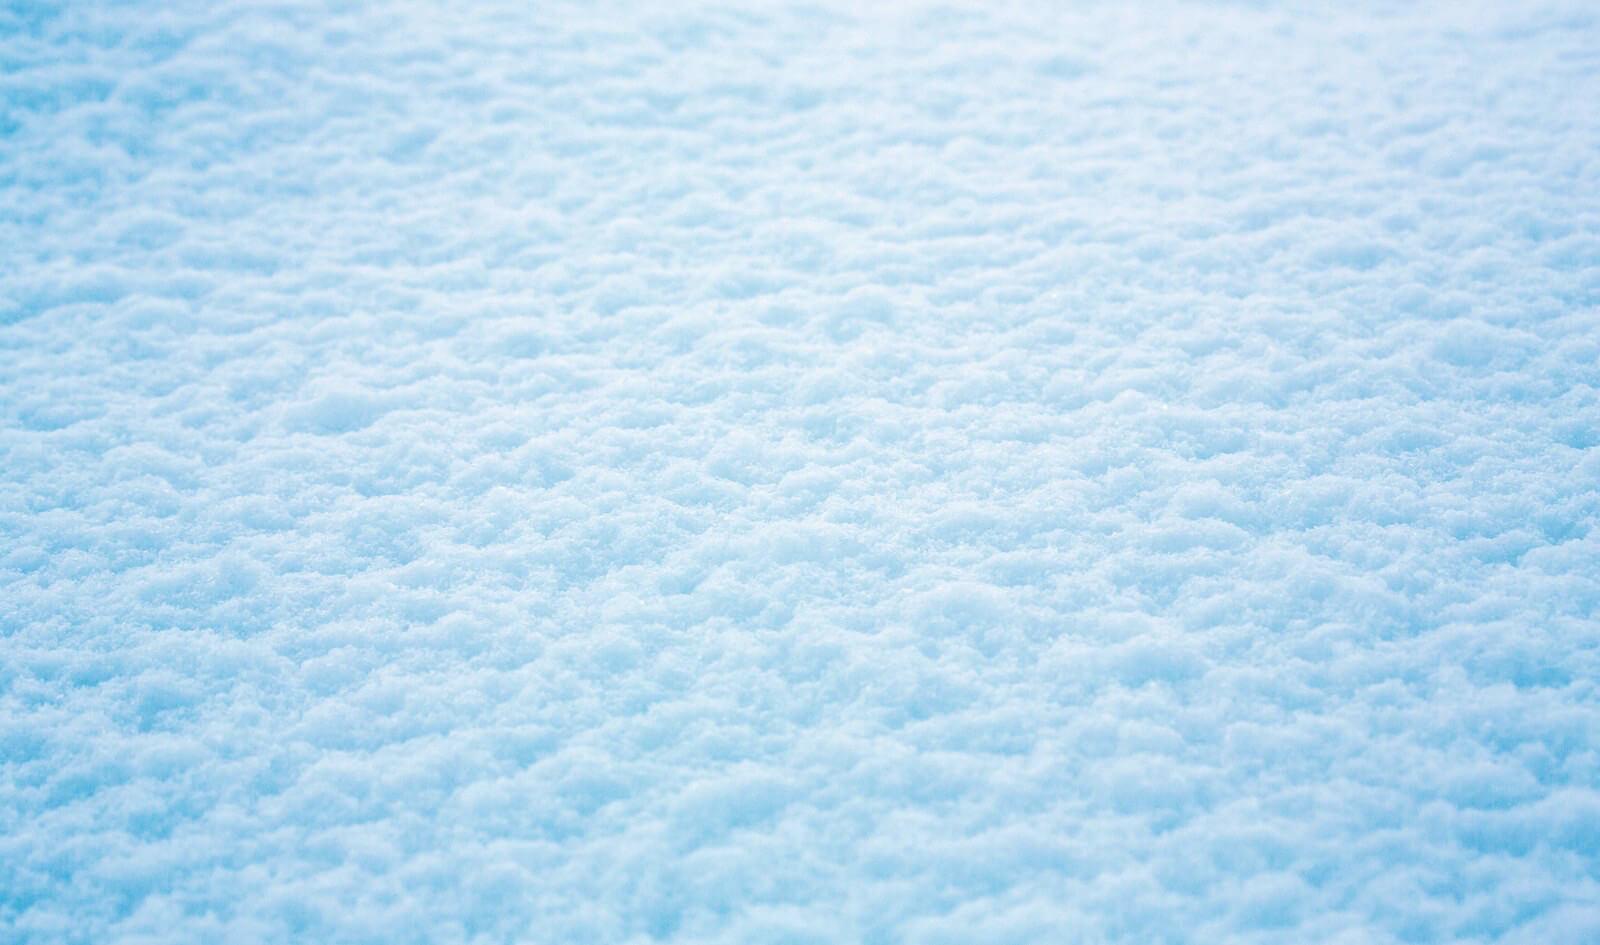 初冠雪 雪 snow